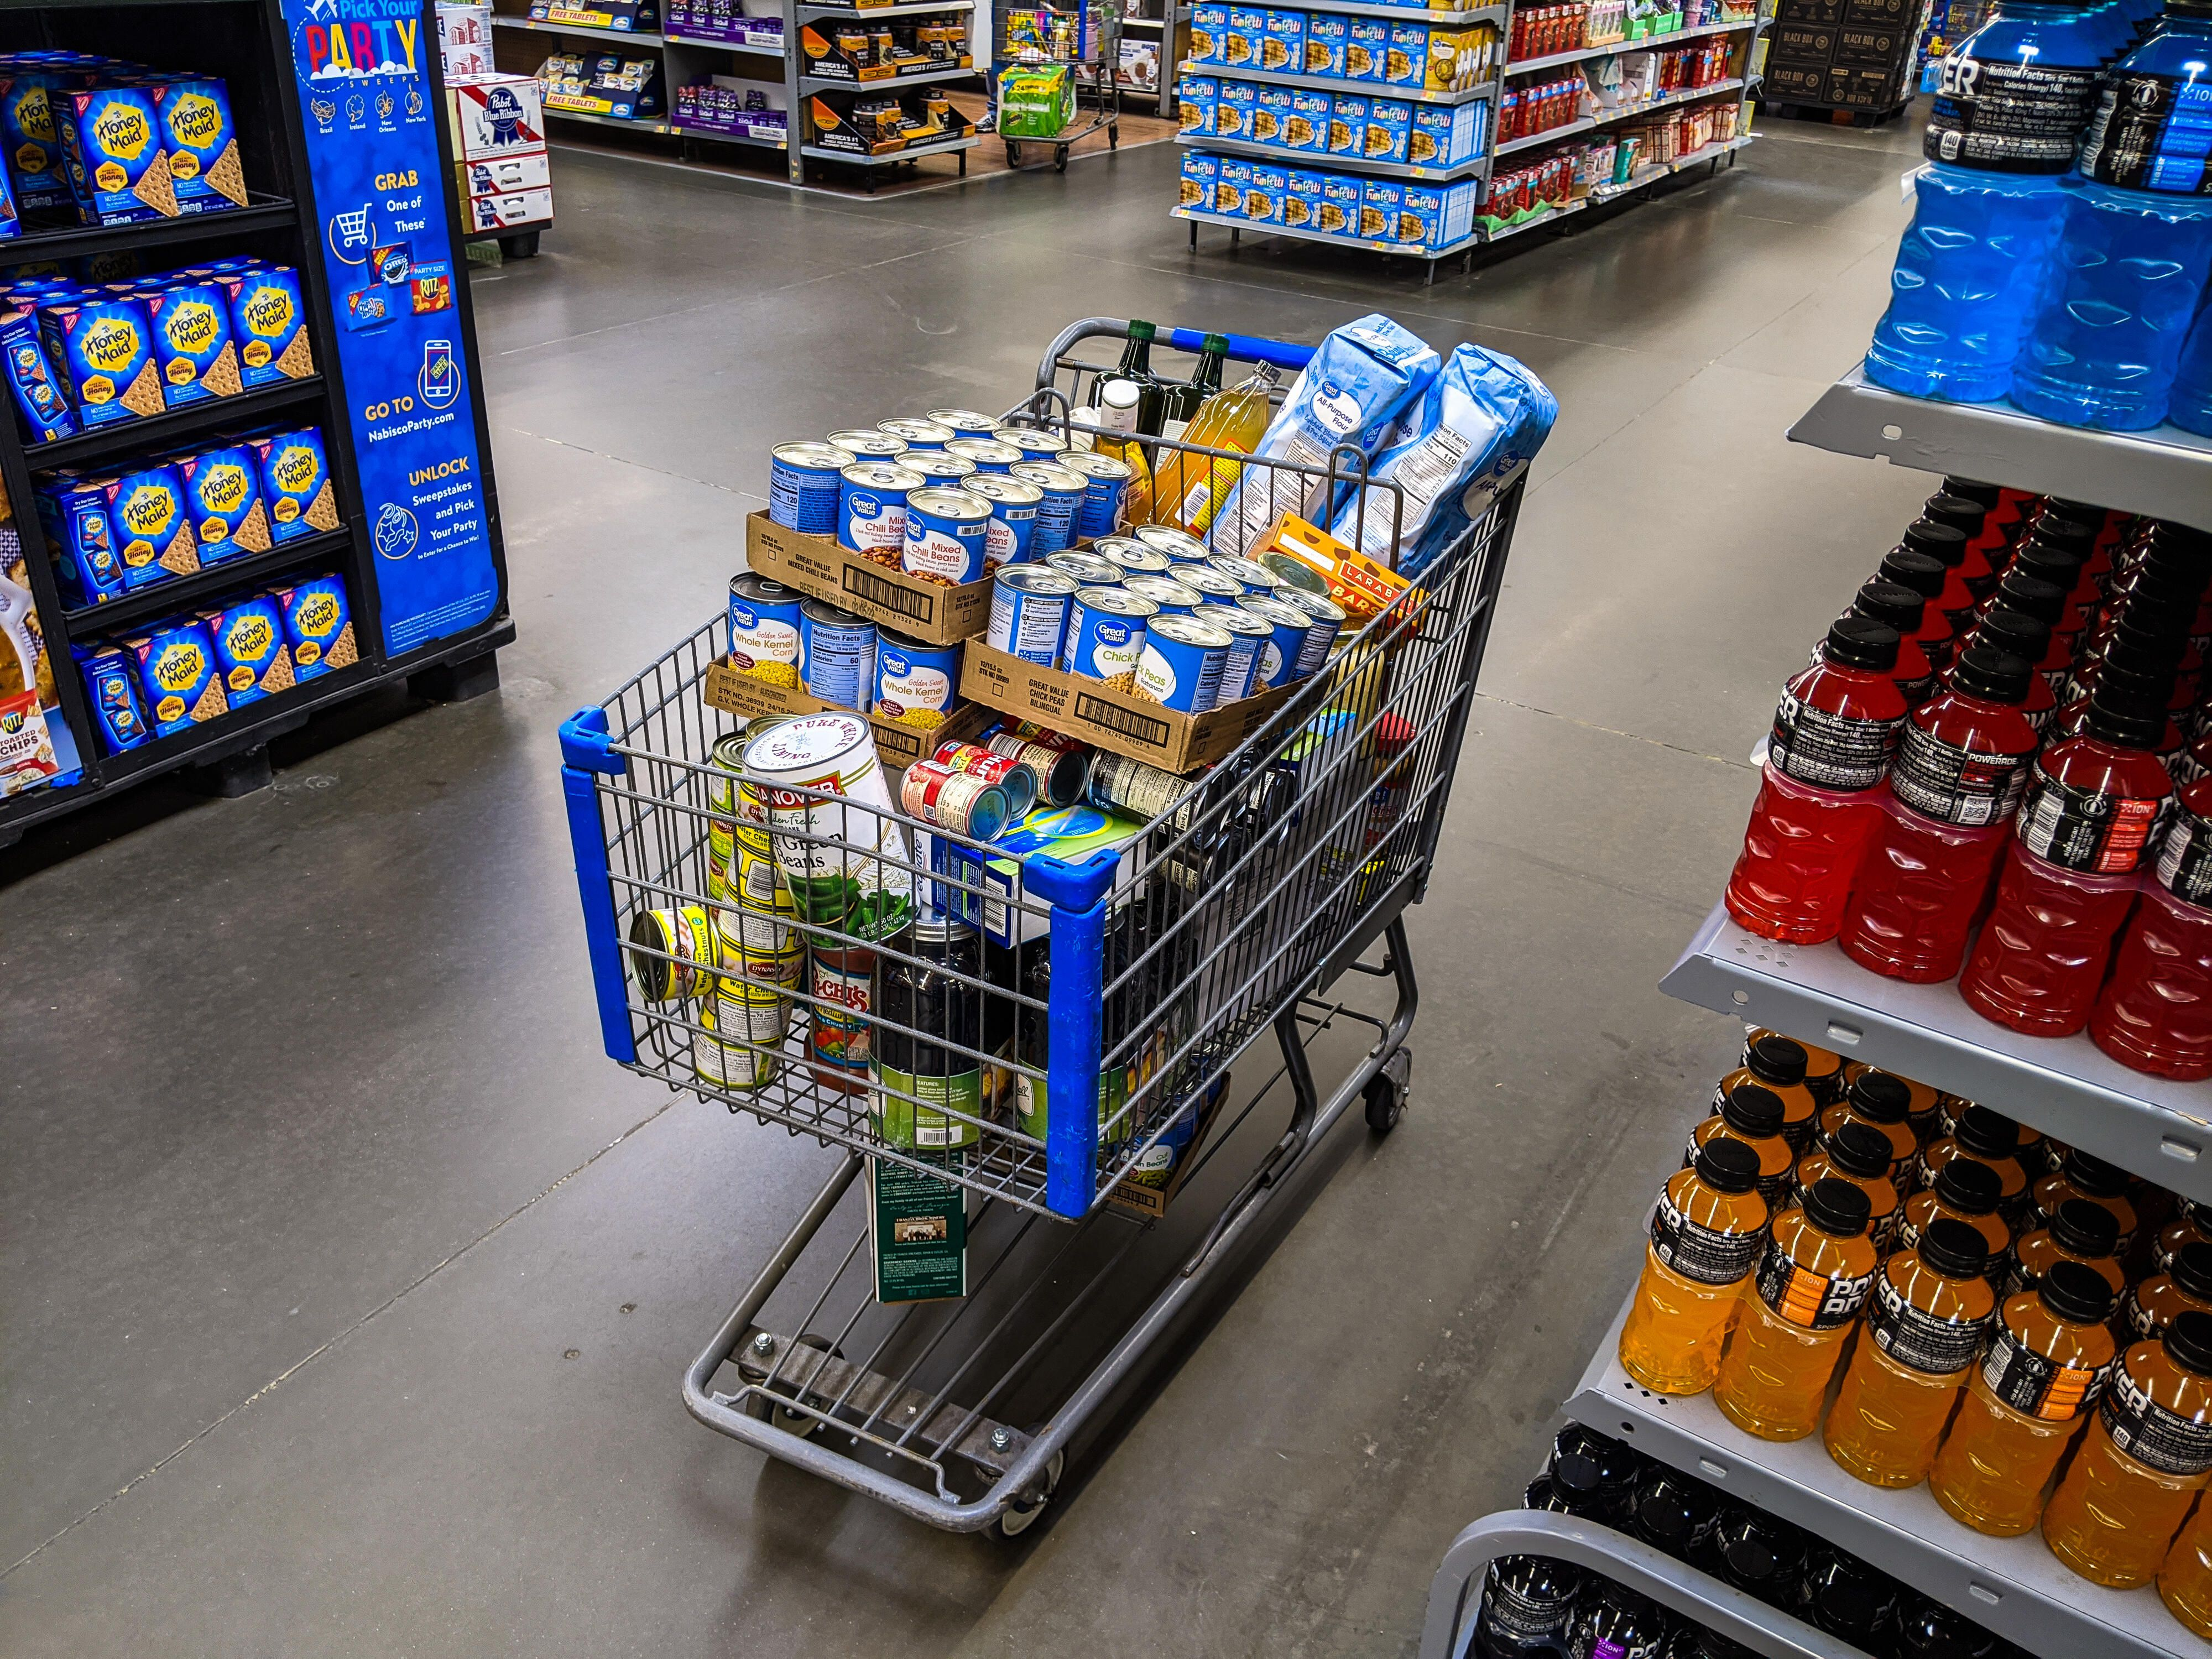 06-groceries-walmart